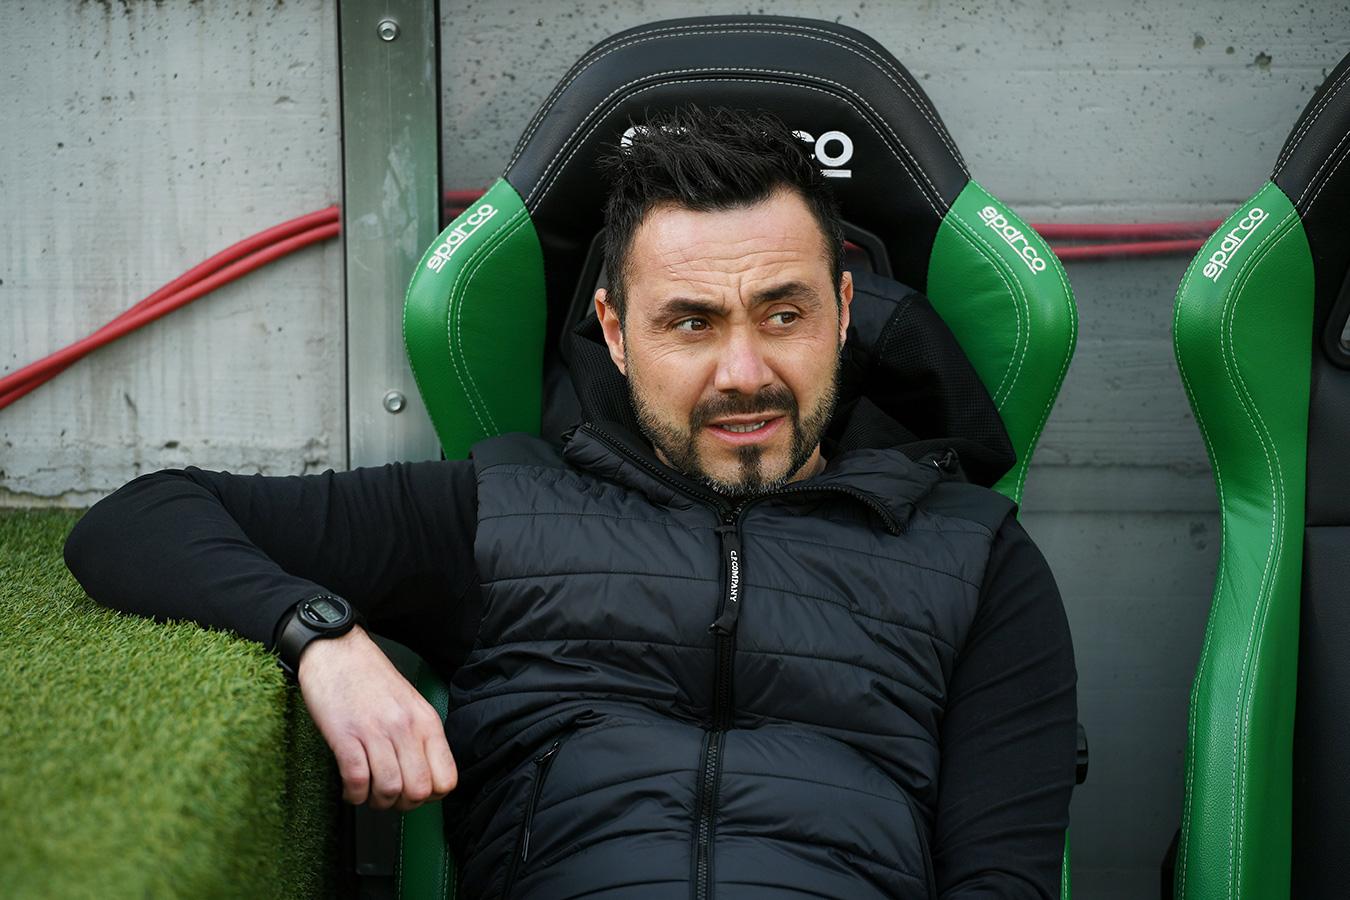 «Только если меня заставят». Тренер «Сассуоло» заявил о нежелании играть с «Миланом»